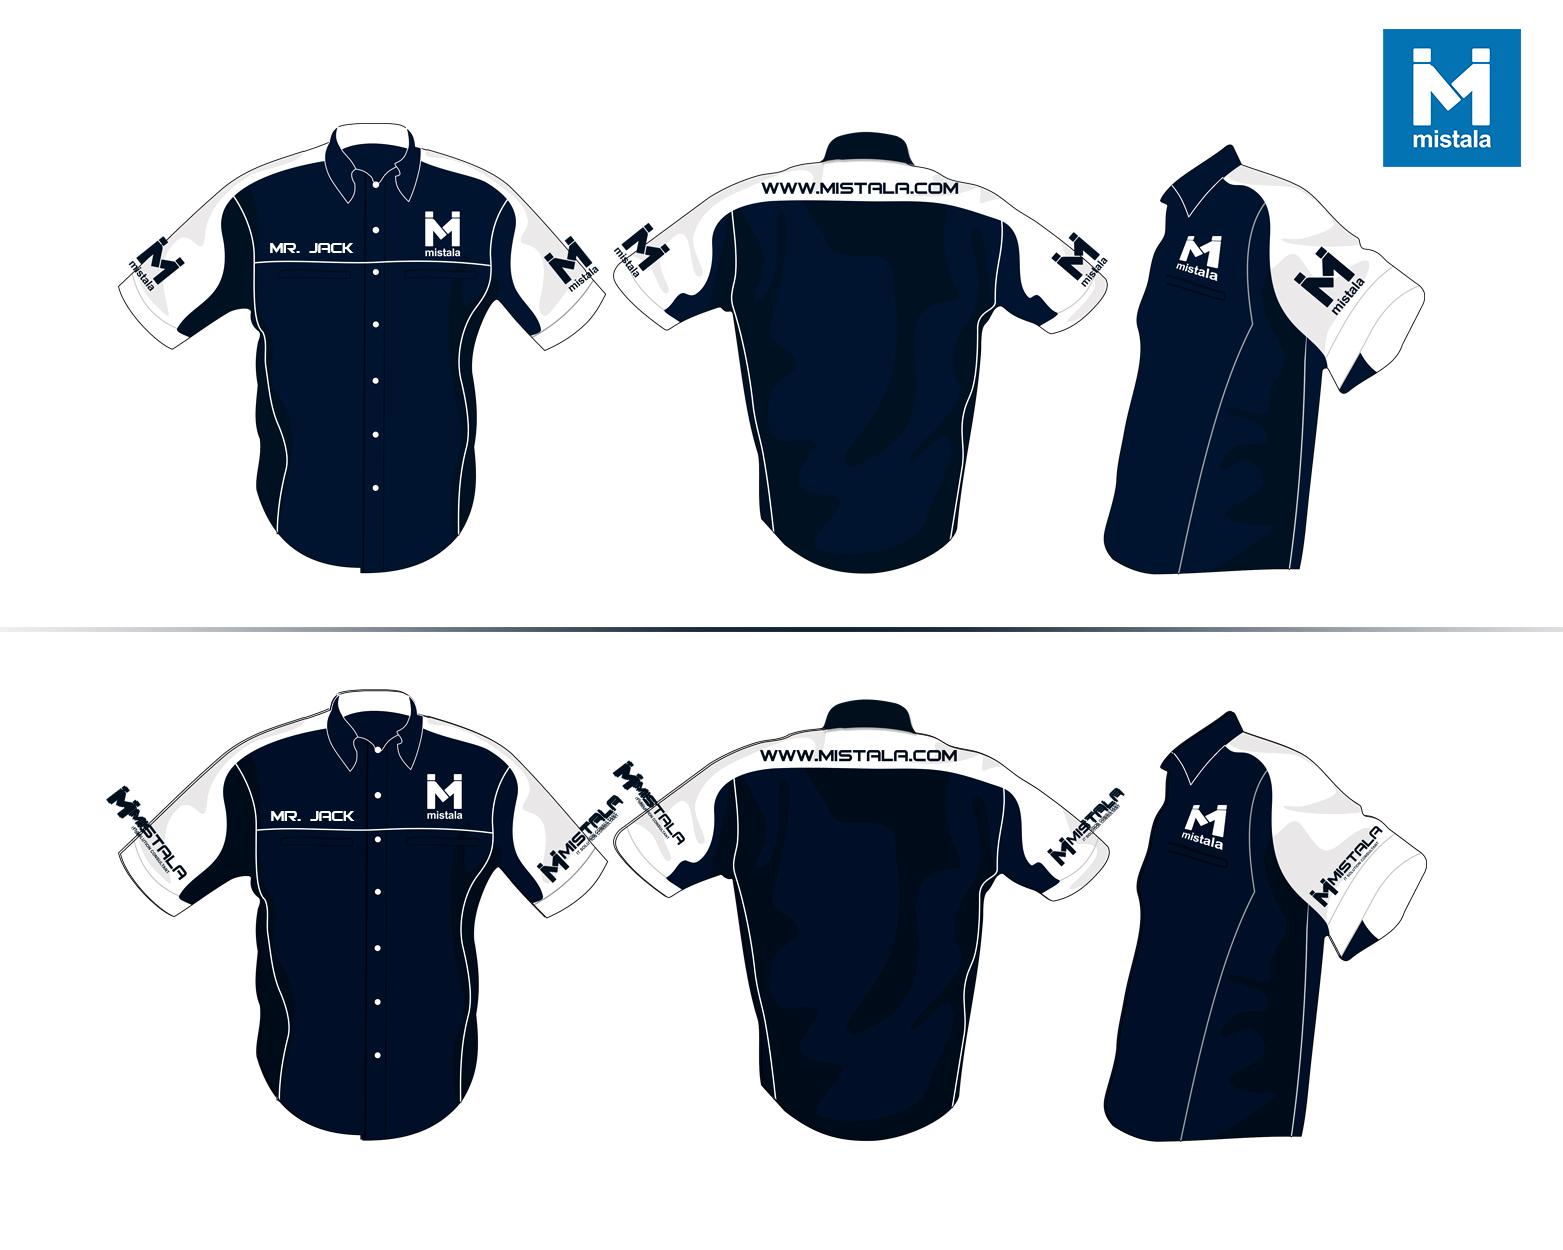 Contoh desain t shirt kelas - Jasa Desain Seragam Kantor Baju Kaos Profesional Cepat Dan Murah